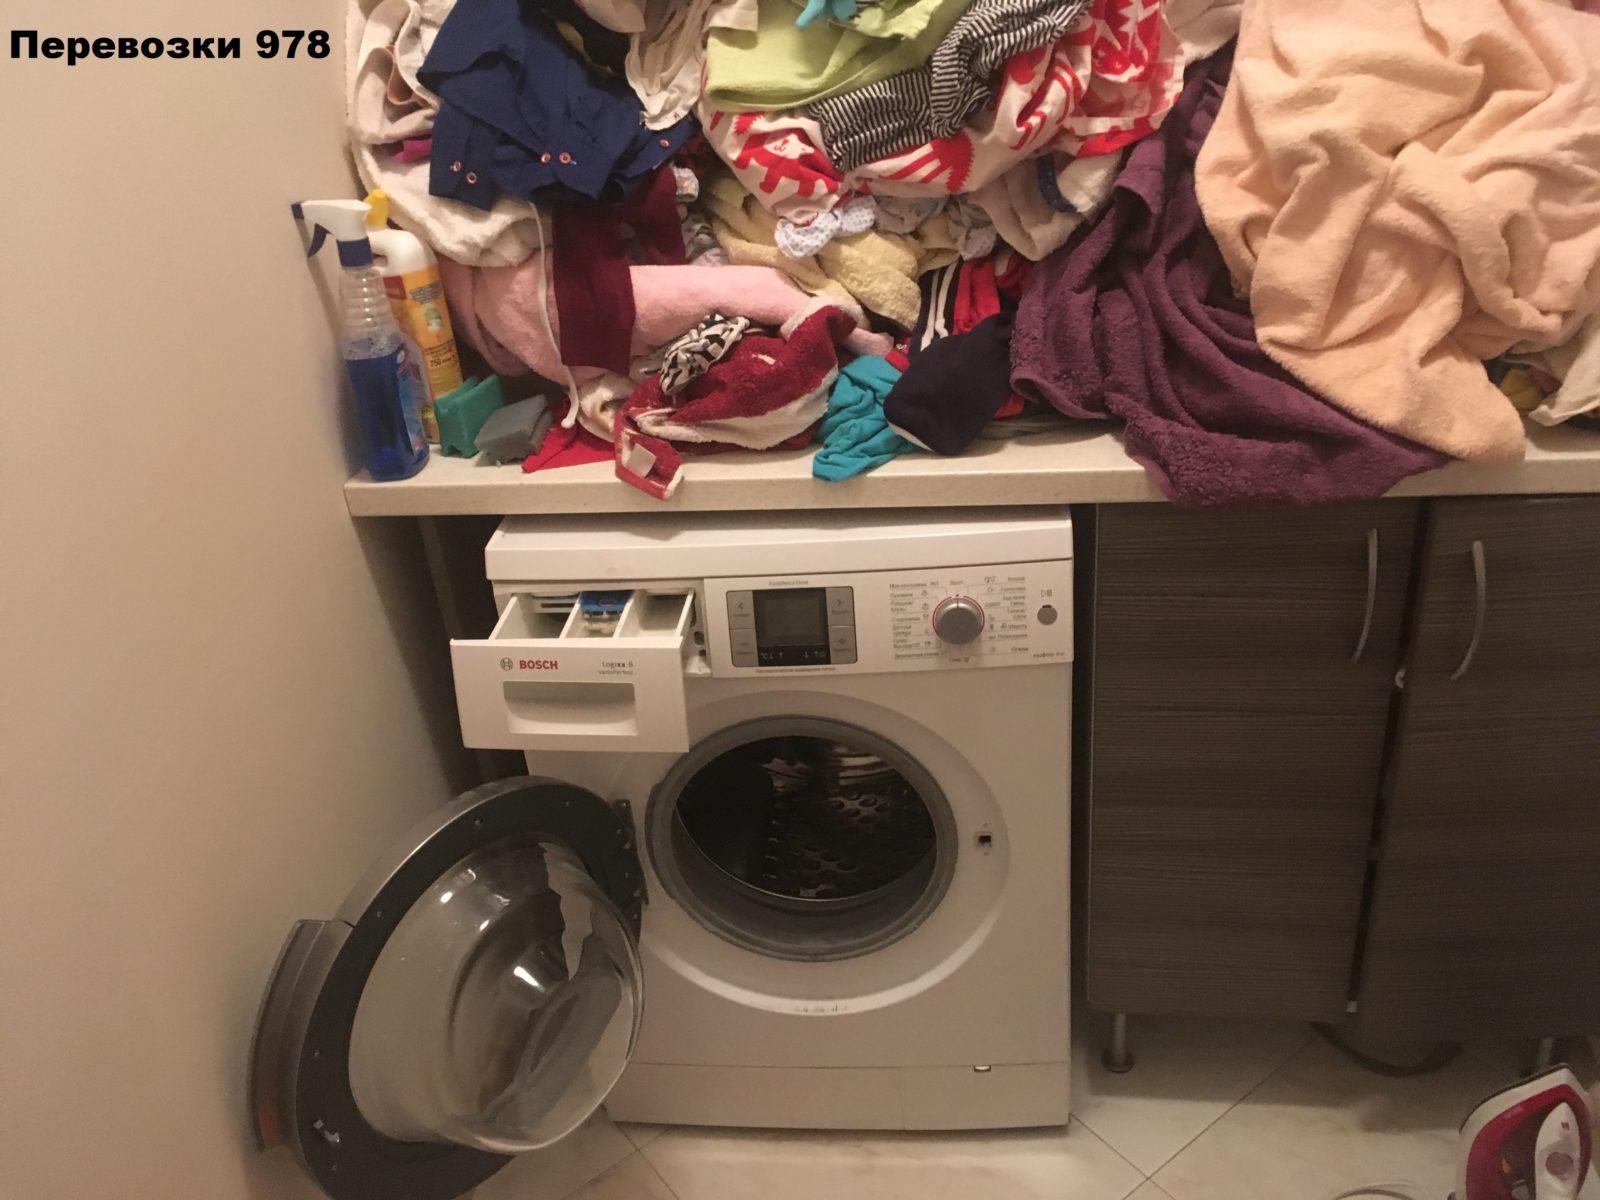 Перевозка стиральной машины по Москве